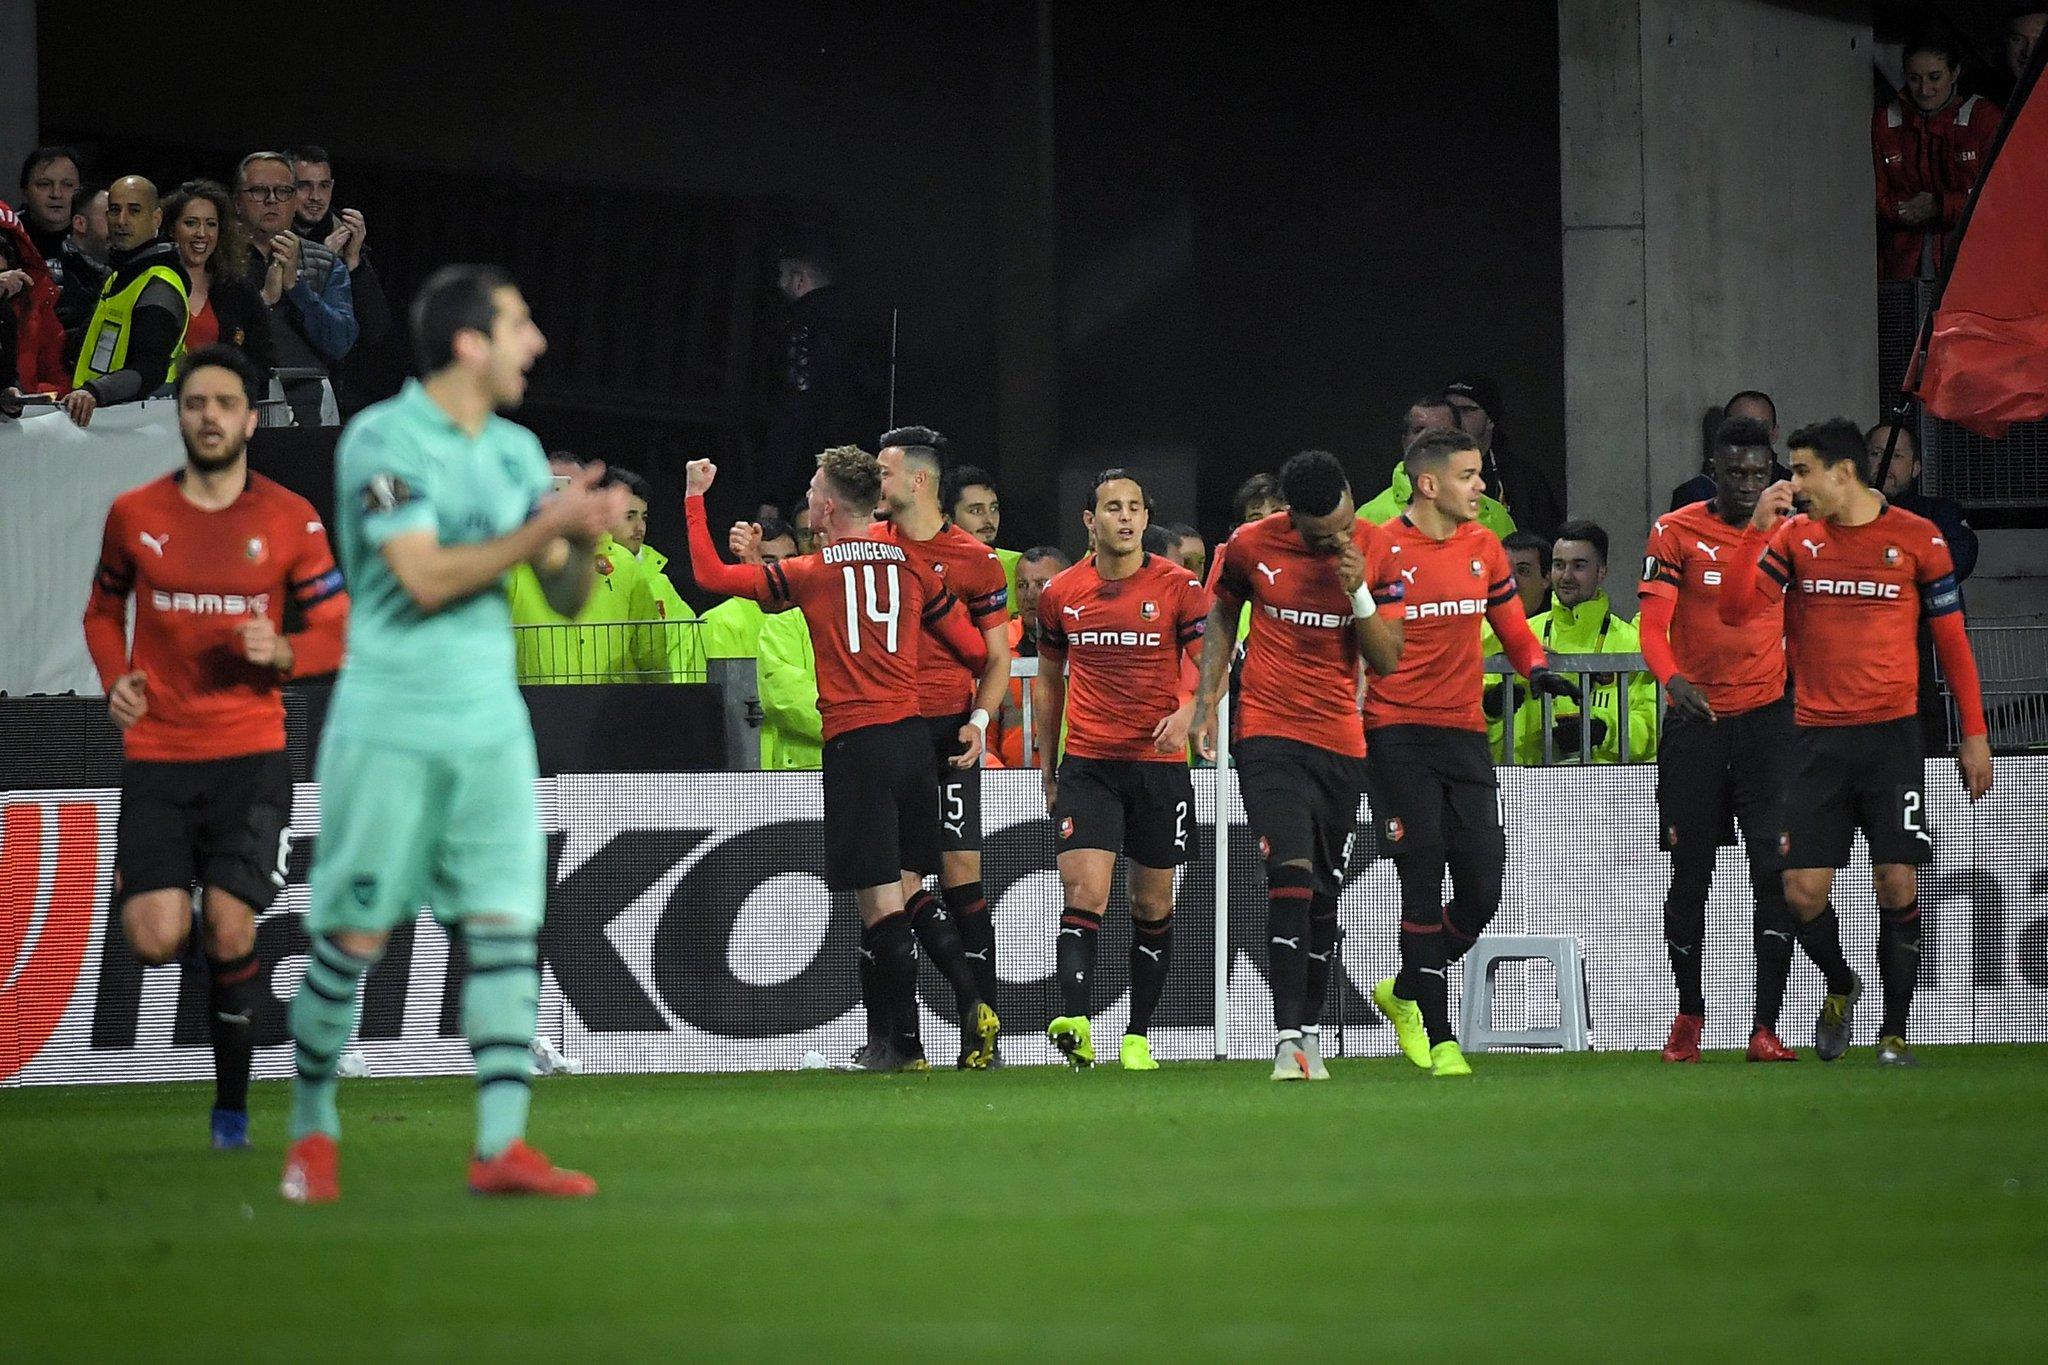 ไฮไล้ท์ ยูโรป้าลีก : แรนส์ 3-1 อาร์เซนอล